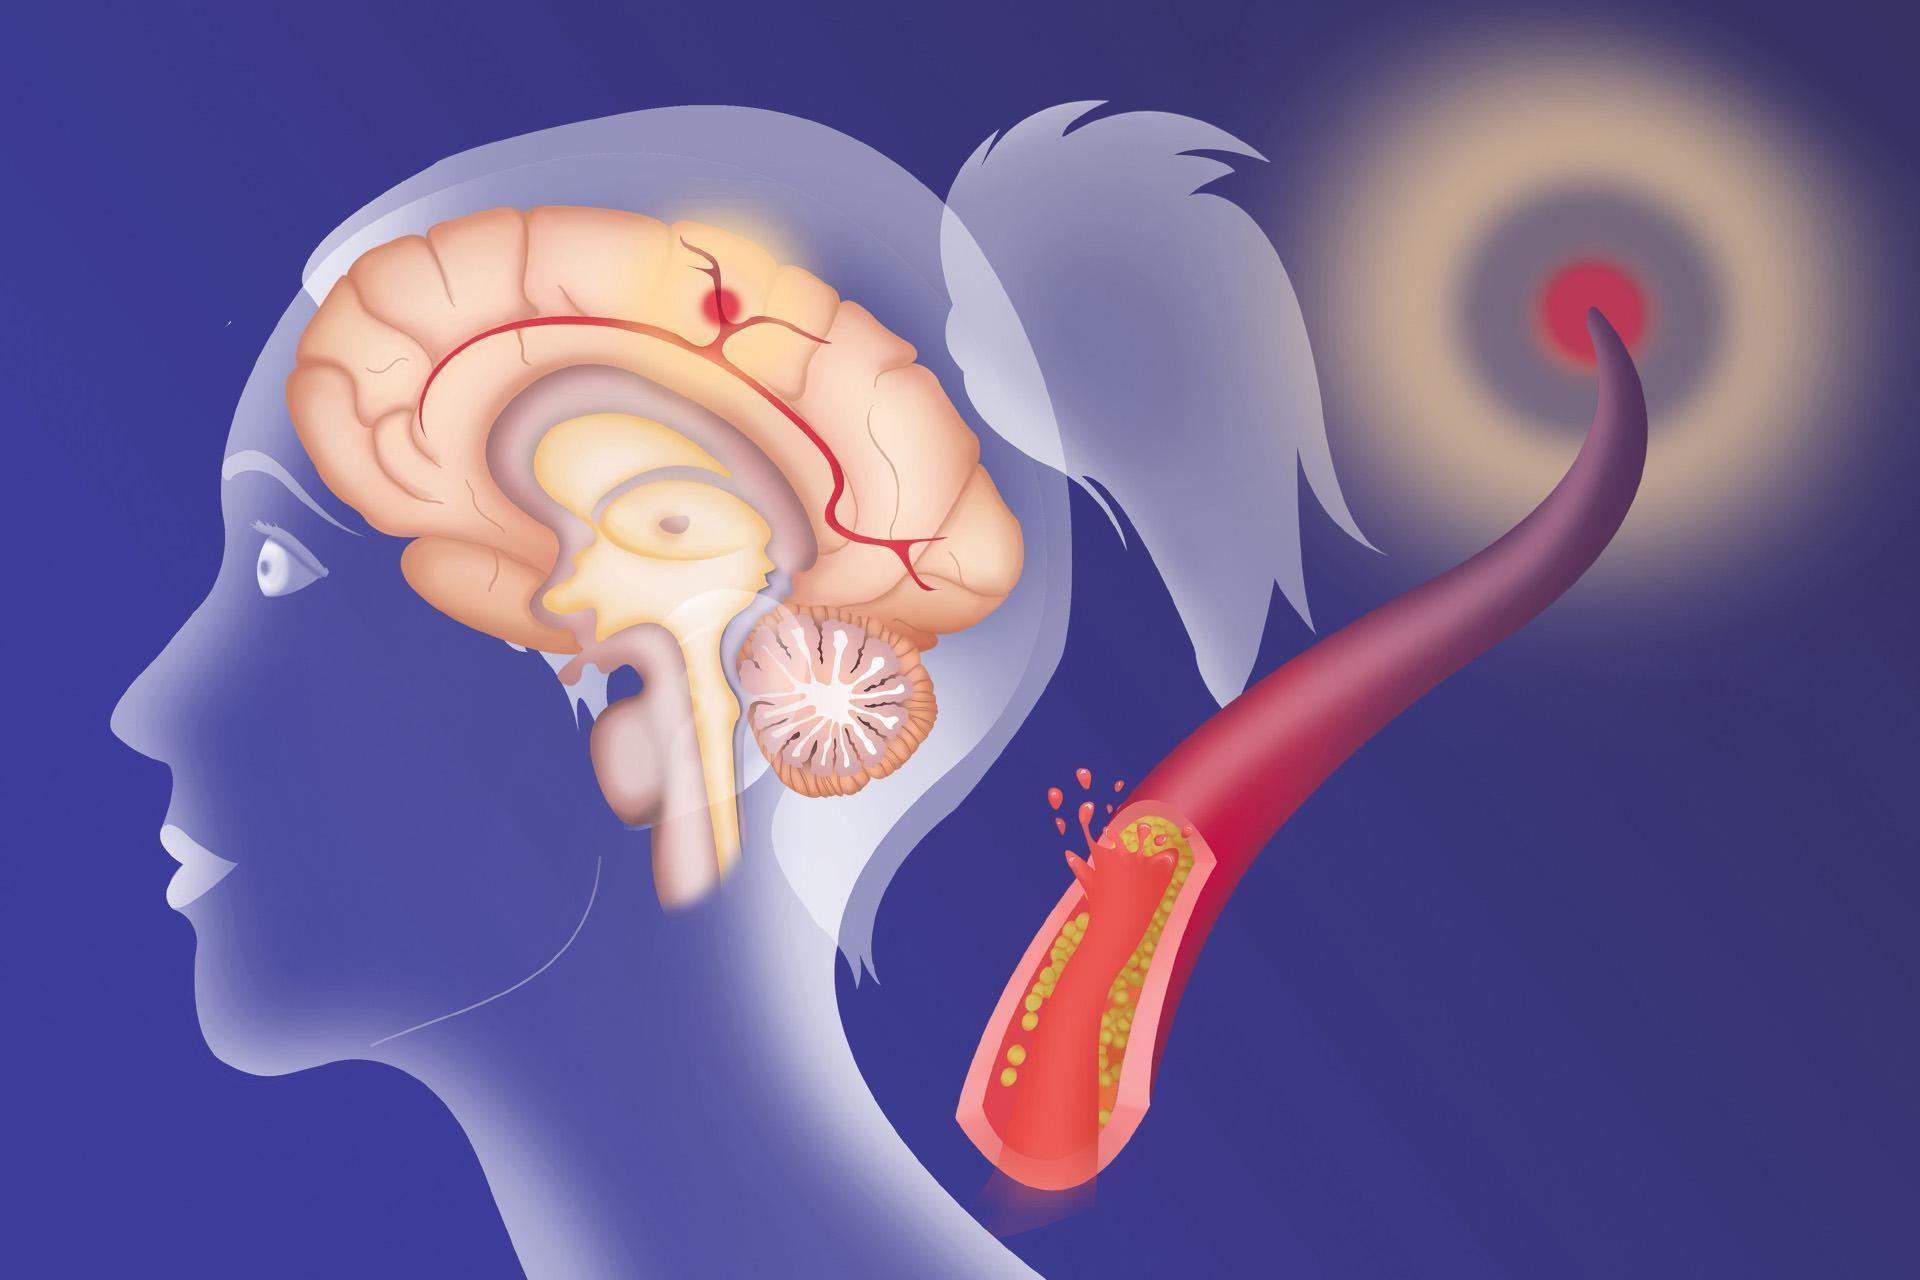 Смотреть Нарушение мозгового кровообращения: симптомы и лечение видео